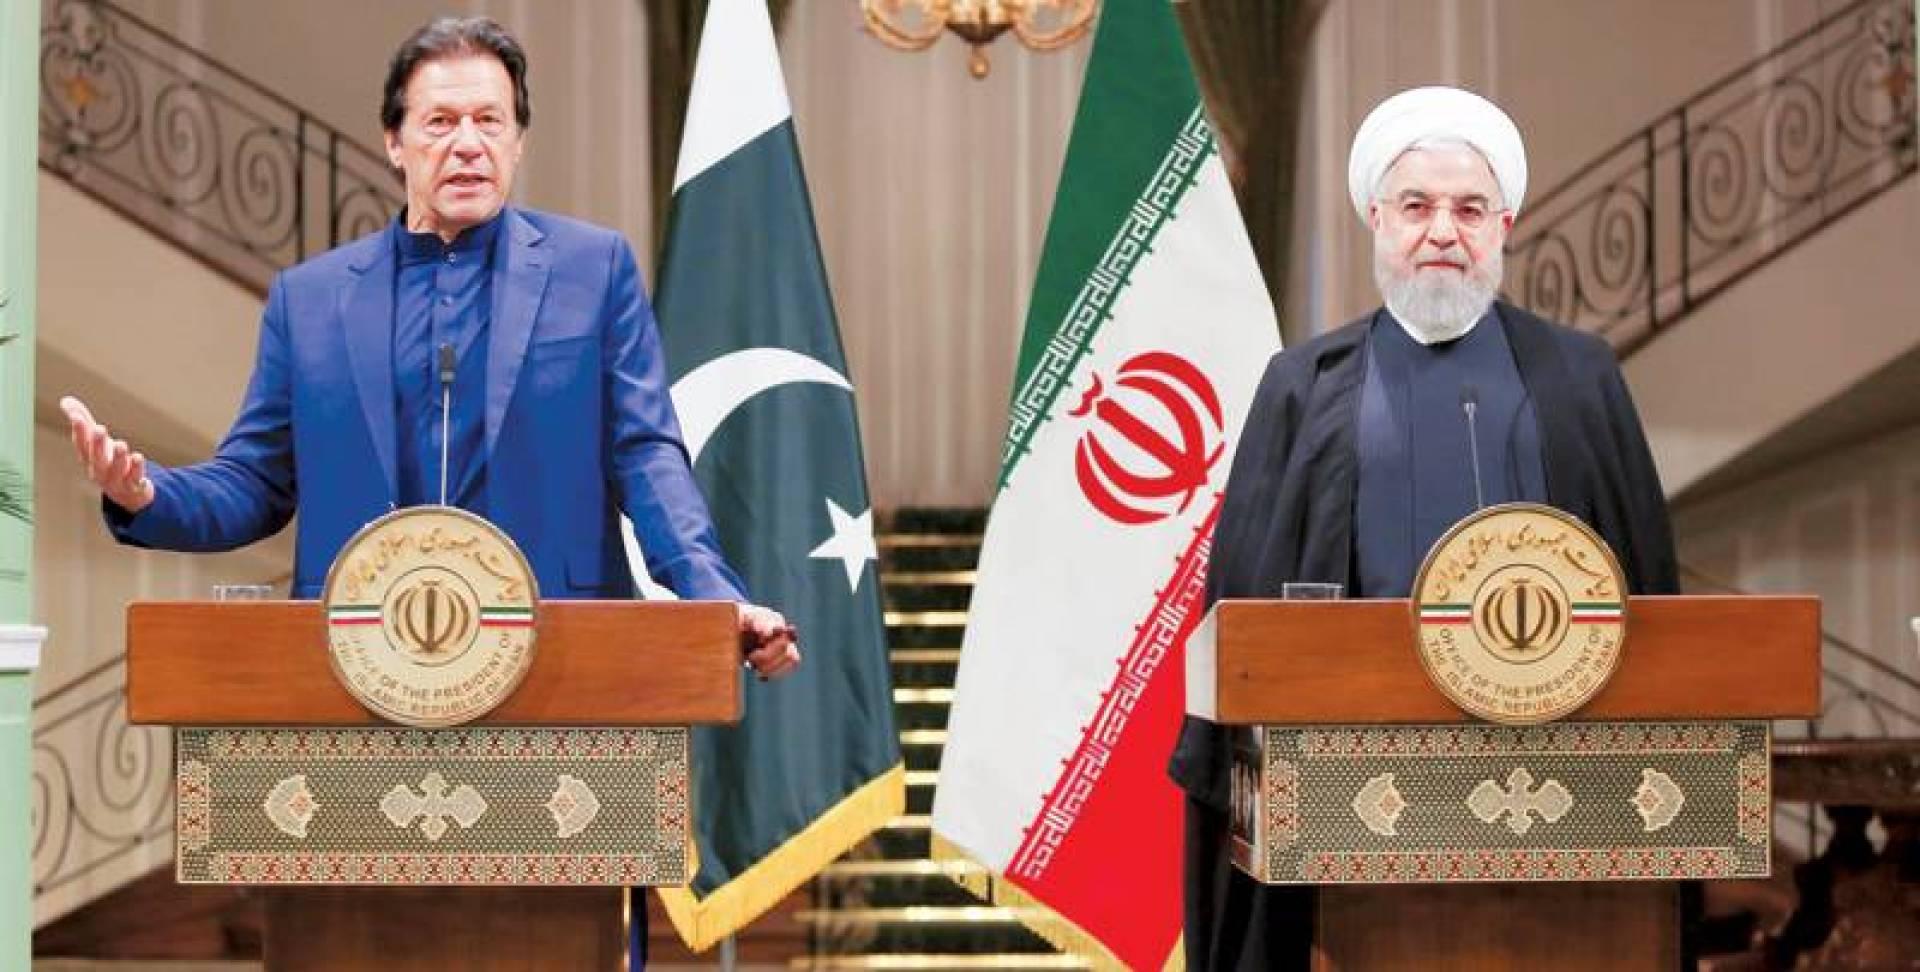 خان متحدثاً خلال المؤتمر الصحافي مع روحاني في طهران أمس | رويترز